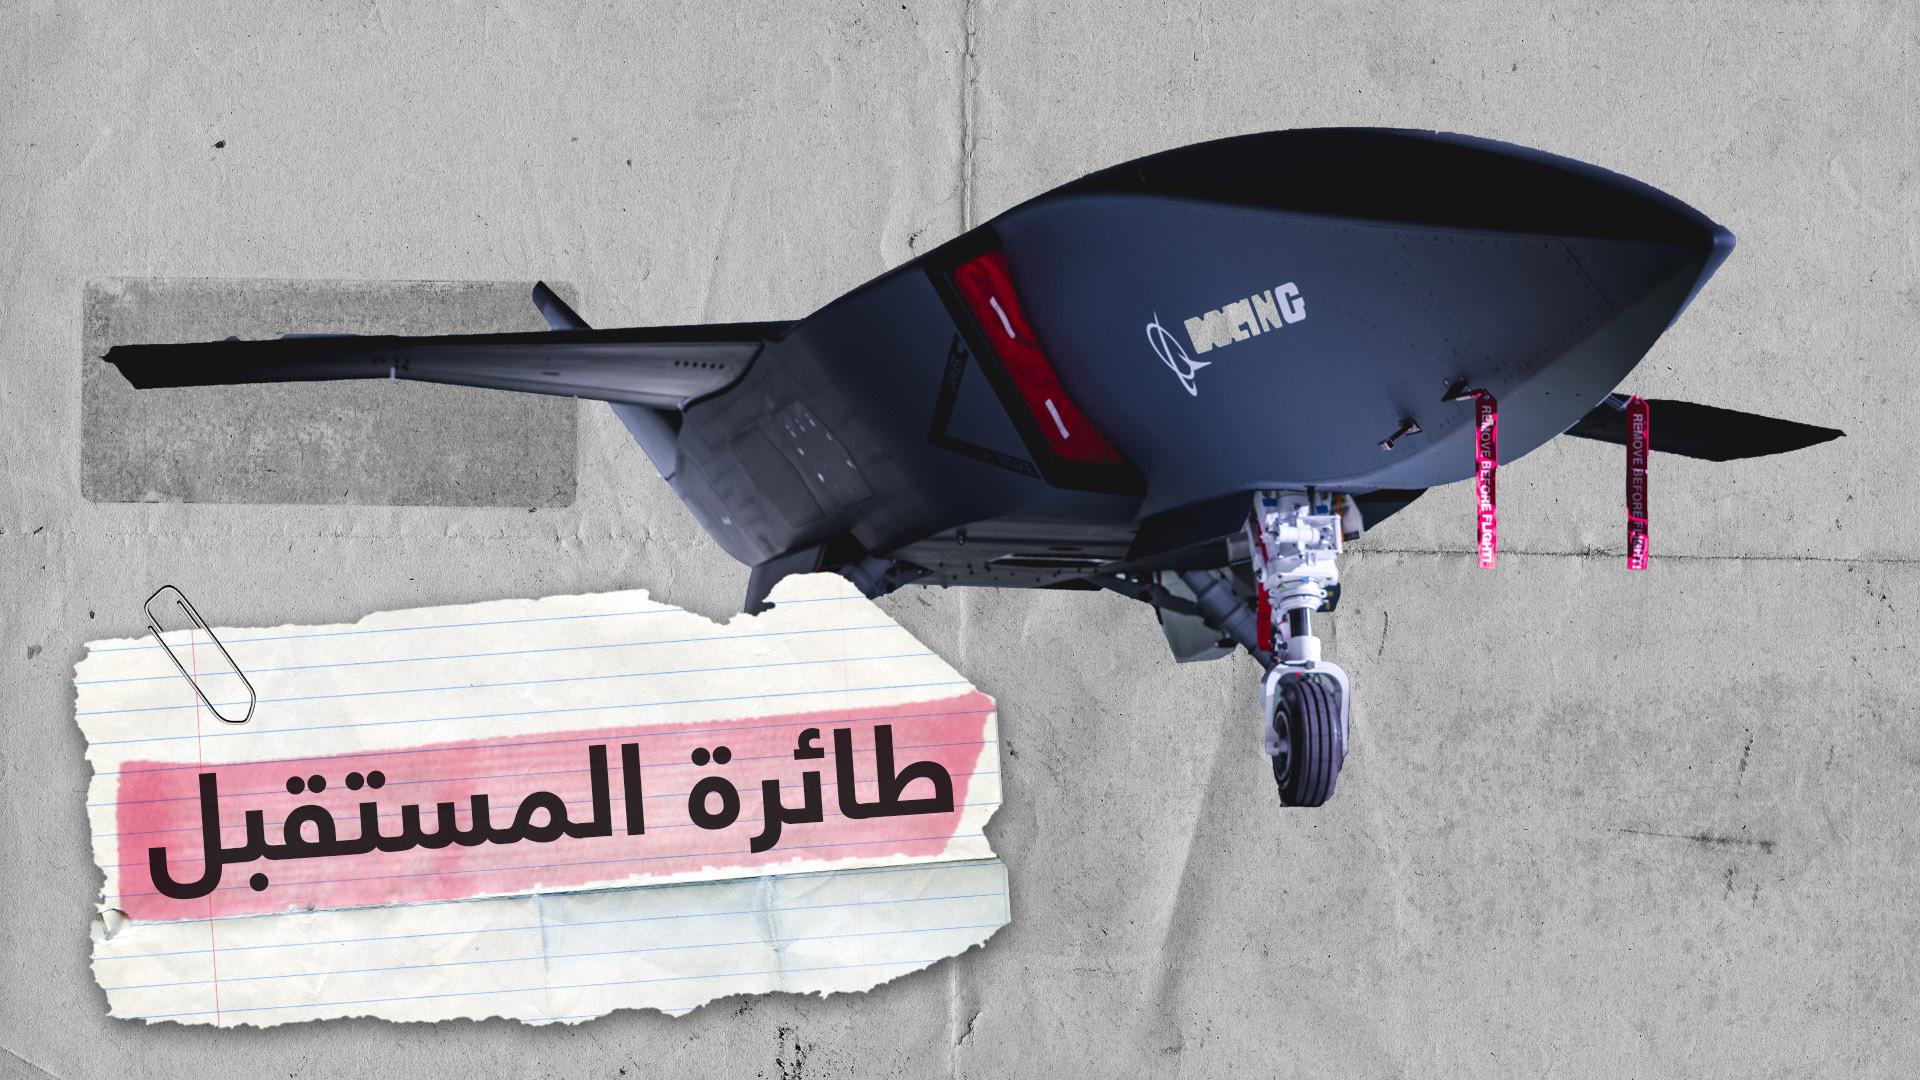 طائرة المستقبل.. بوينغ تستعرض مقاتلة تعمل بالذكاء الصناعي